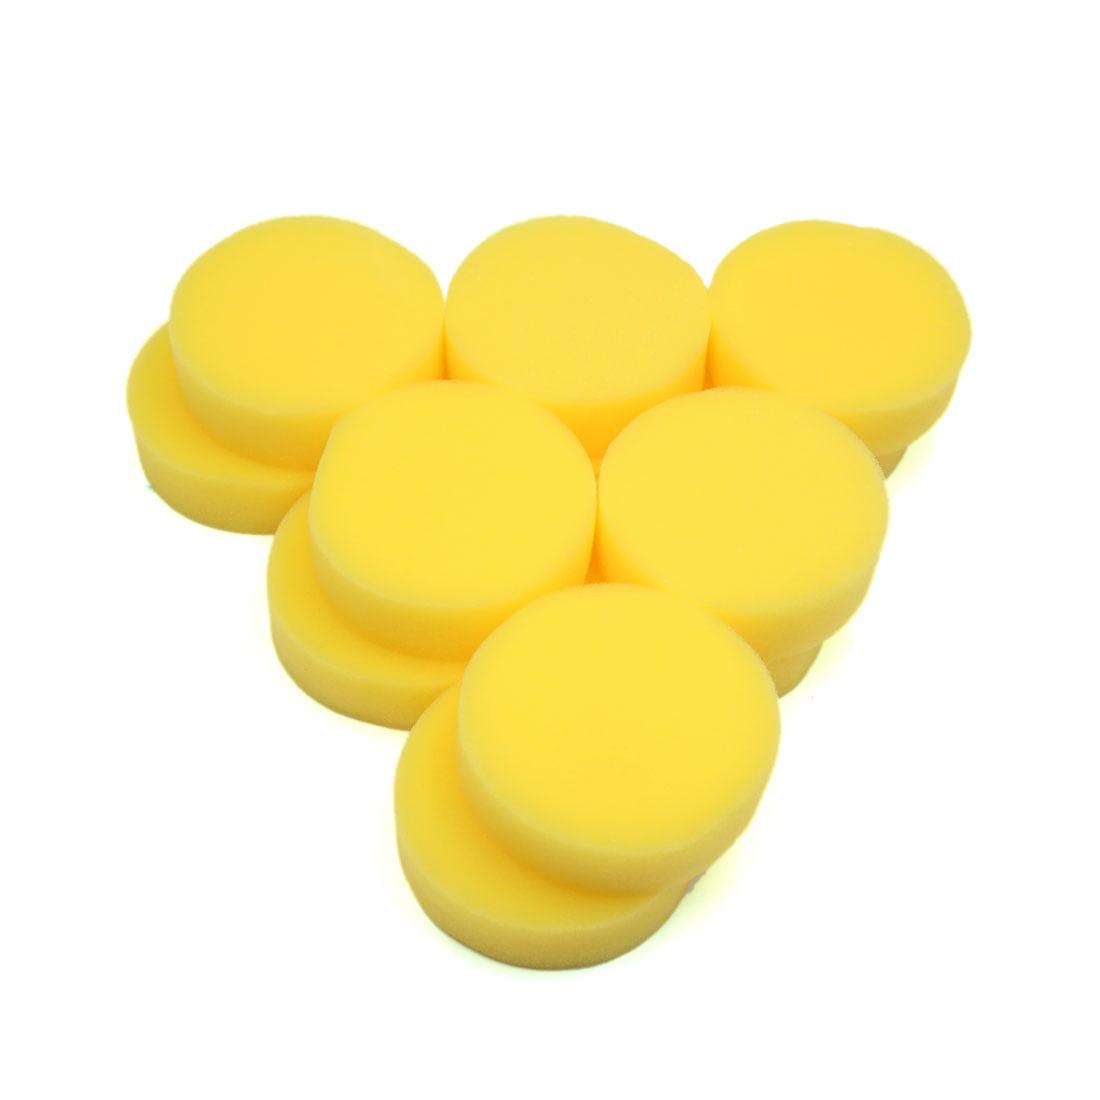 12 Pcs Yellow Polish Wax Round Foam Sponges Applicator Pads for Auto Car by Unique Bargains